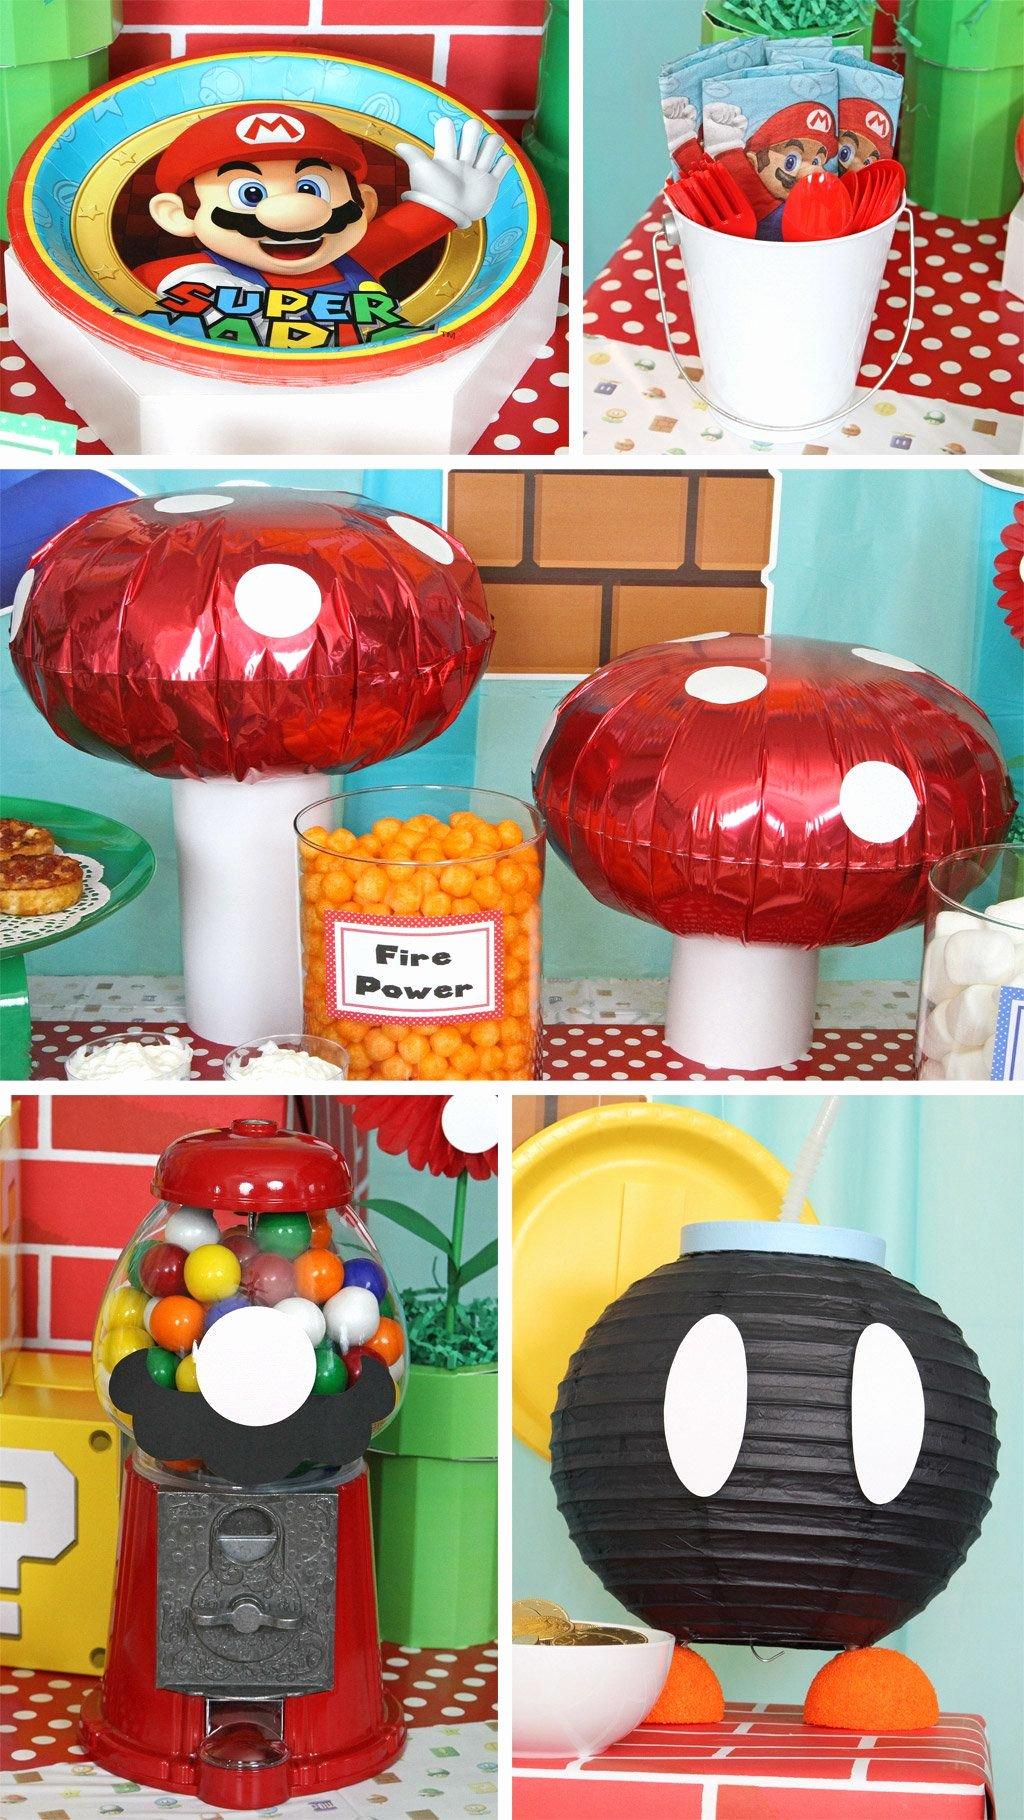 Super Mario Birthday Decoration Ideas Beautiful Super Mario Bros Party Ideas